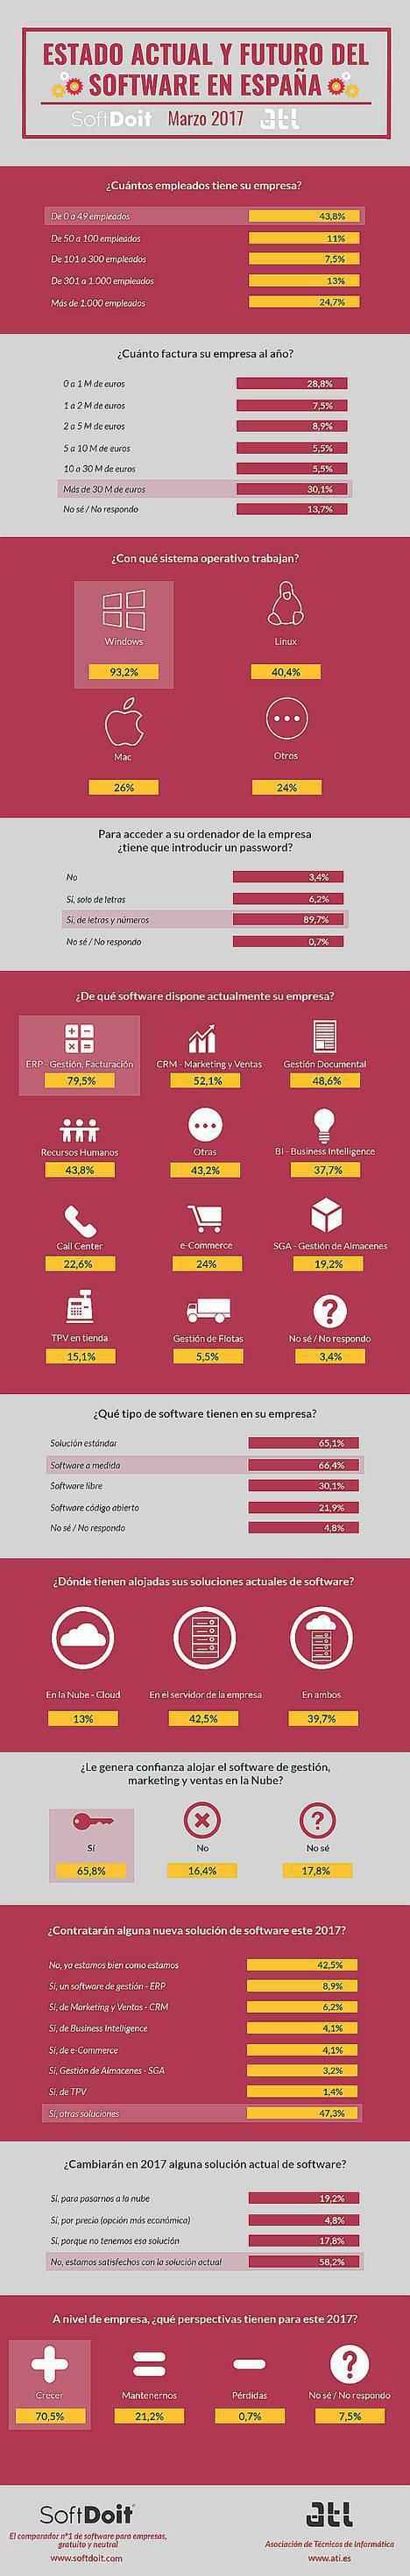 El ERP sigue siendo el software más utilizado por las empresas españolas